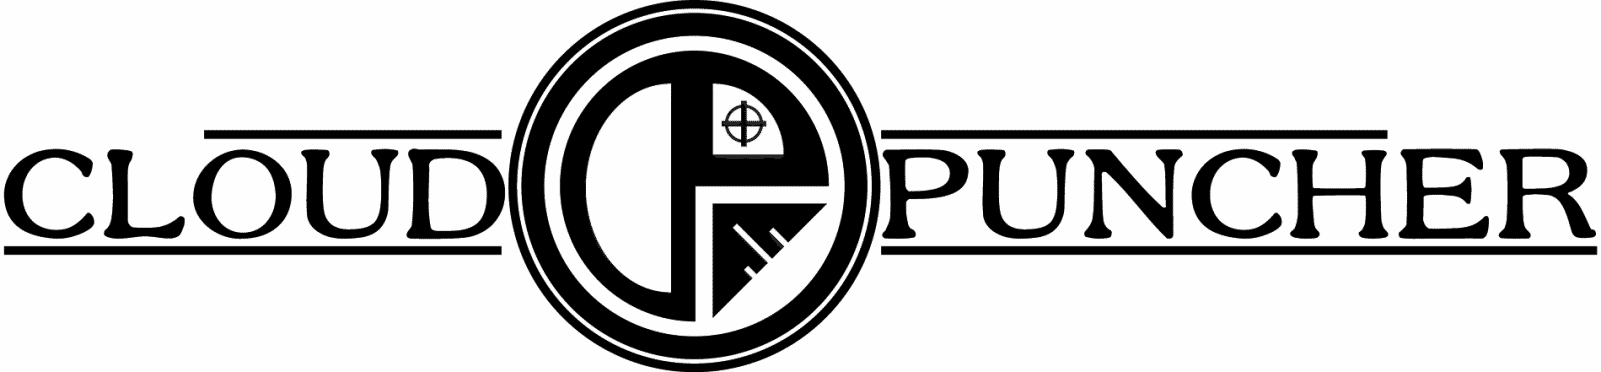 cloudpuncher logo